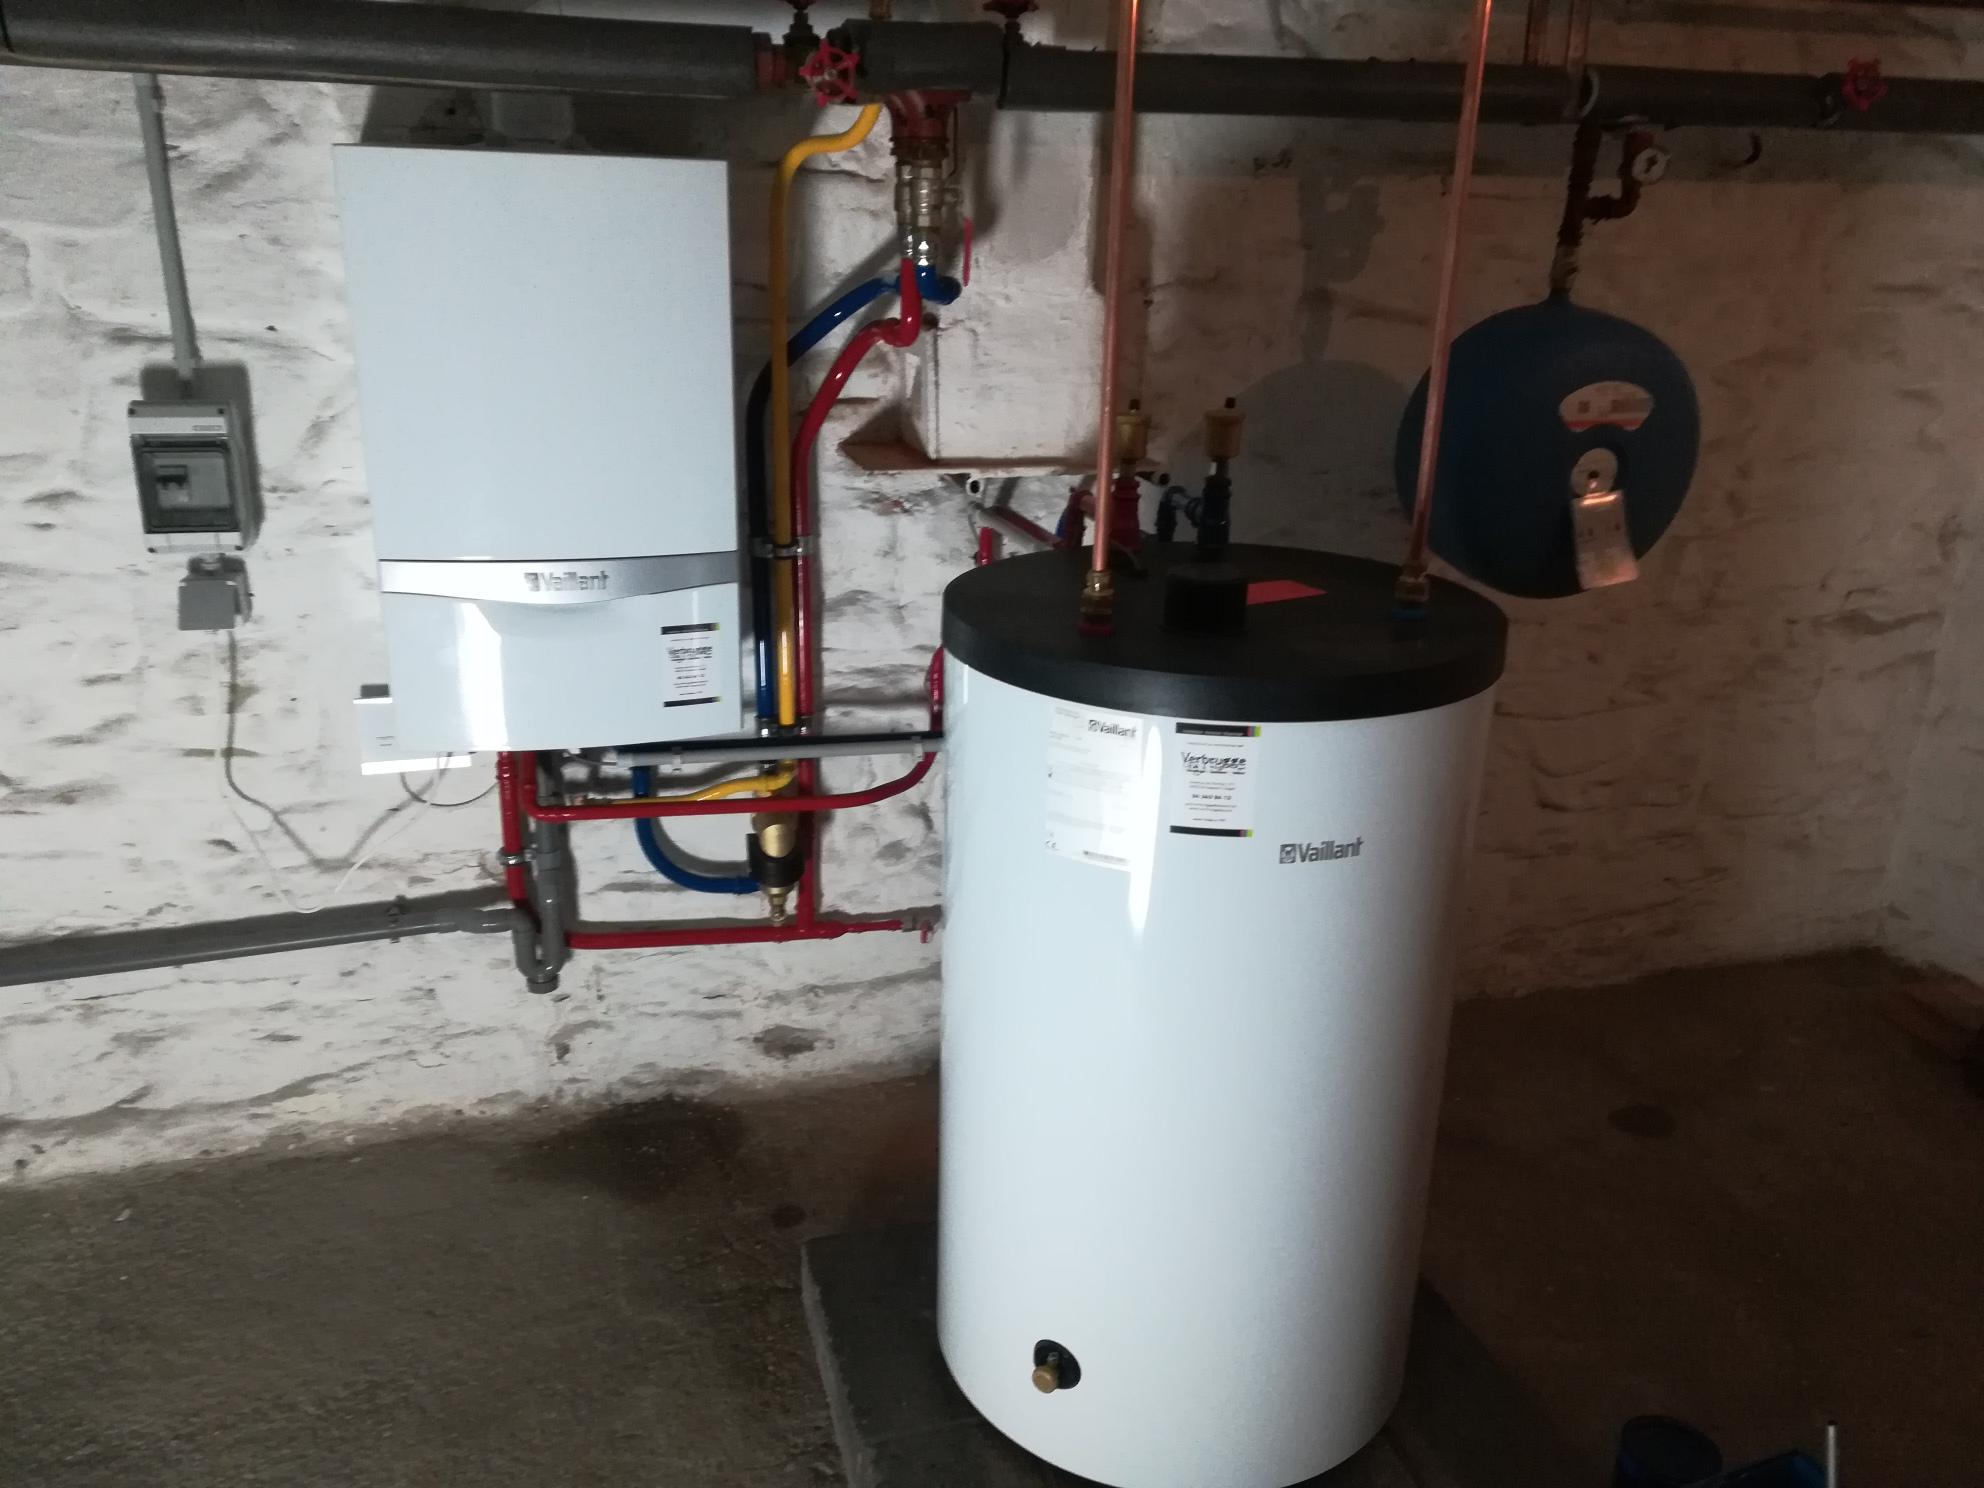 chaudi re gaz condensation vaillant ecotec plus vc306 production d eau chaude par boiler. Black Bedroom Furniture Sets. Home Design Ideas